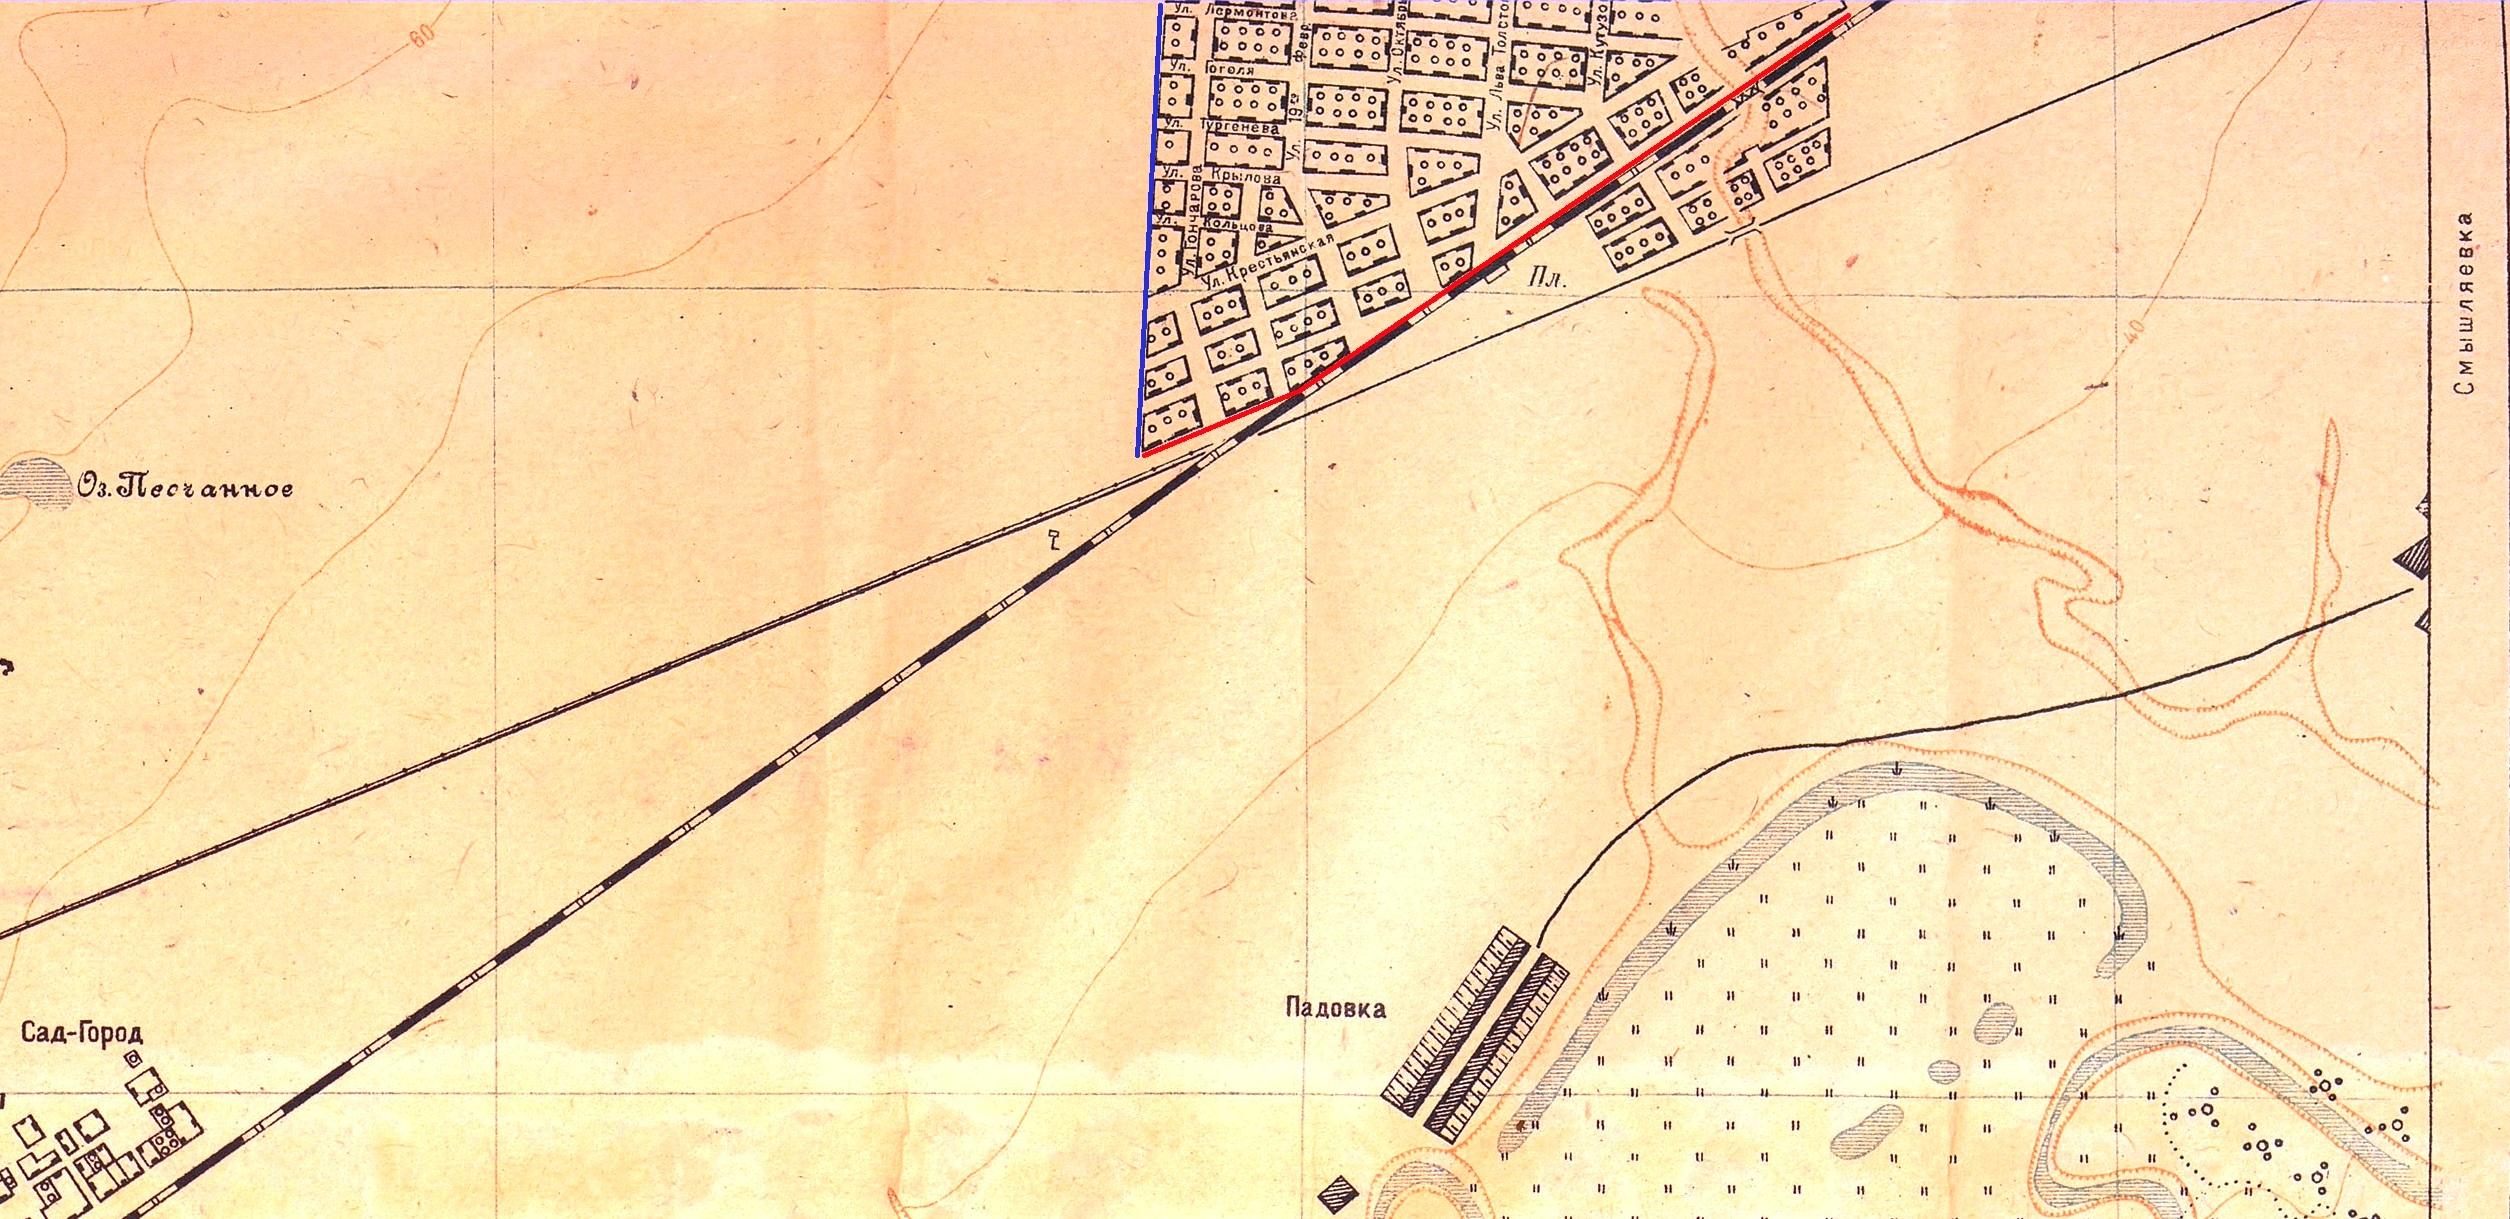 Карта Самары 1934 года